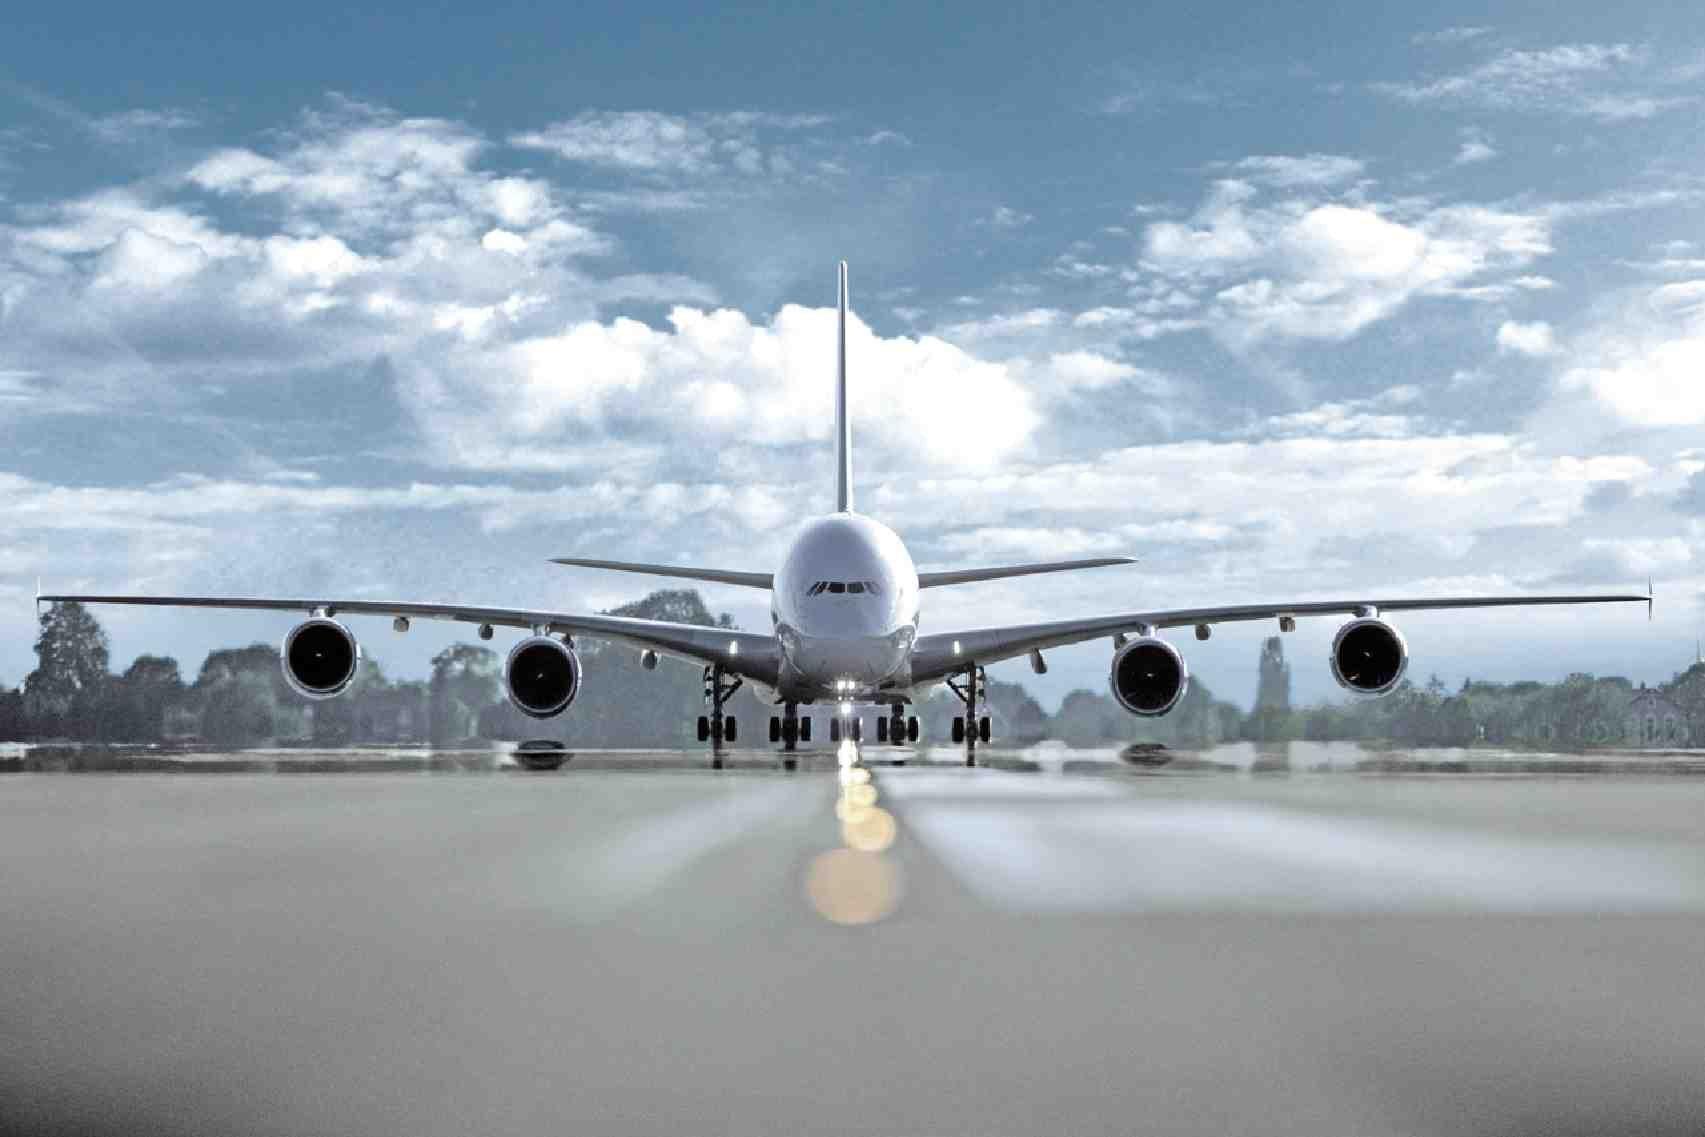 Airbus A380 Wallpaper - WallpaperSafari